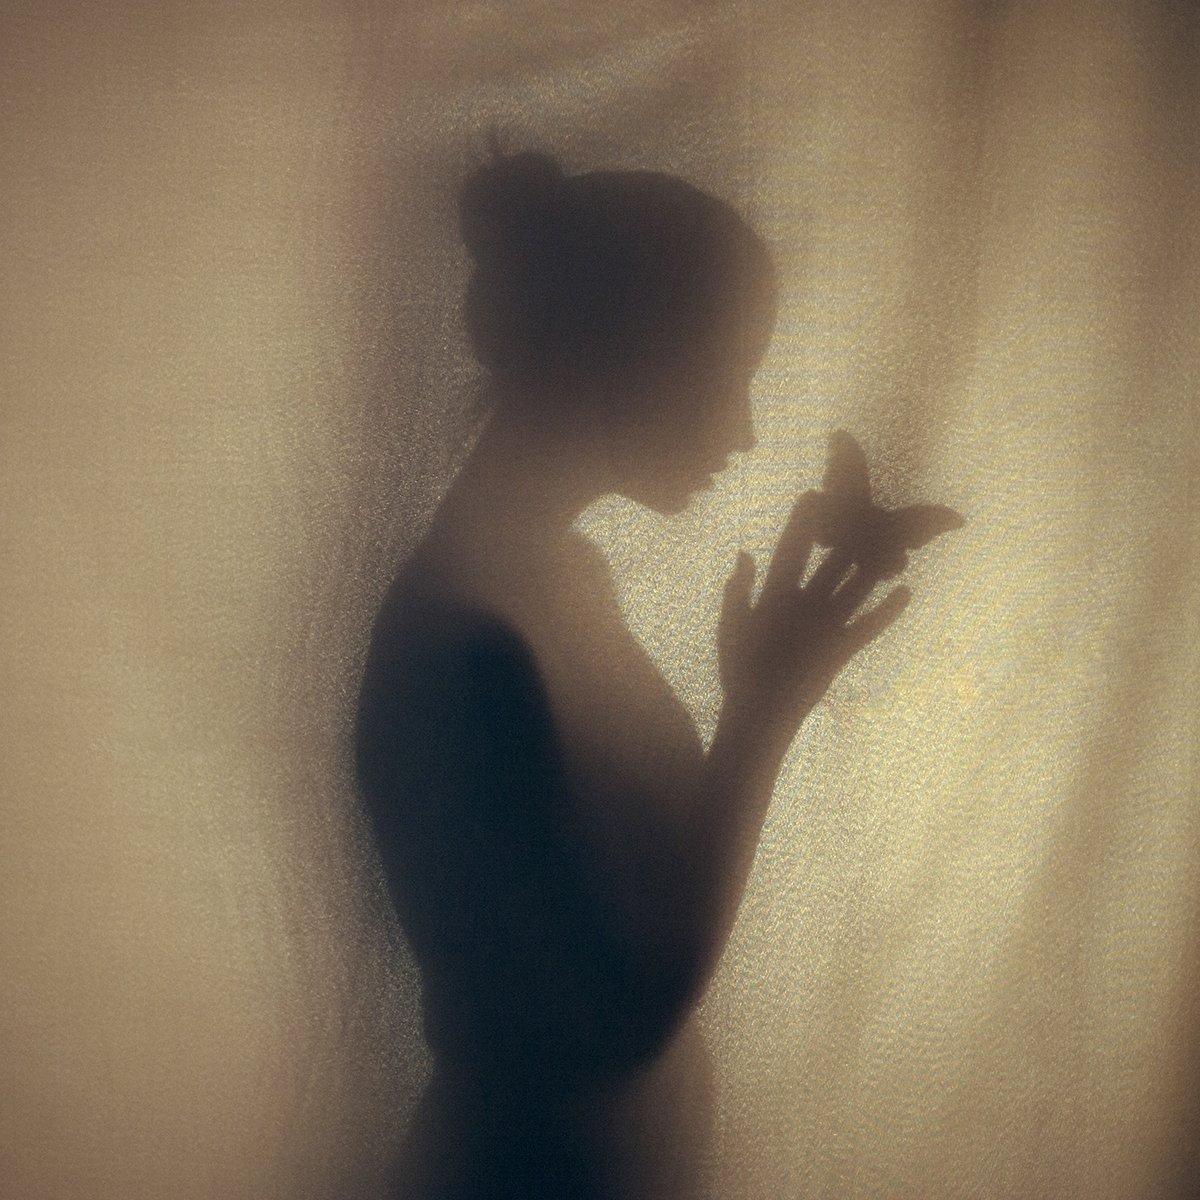 бабочки, тени,девушка,нежность,свет, образ,фотосессия,Павлодар,детский фотограф, Оксана